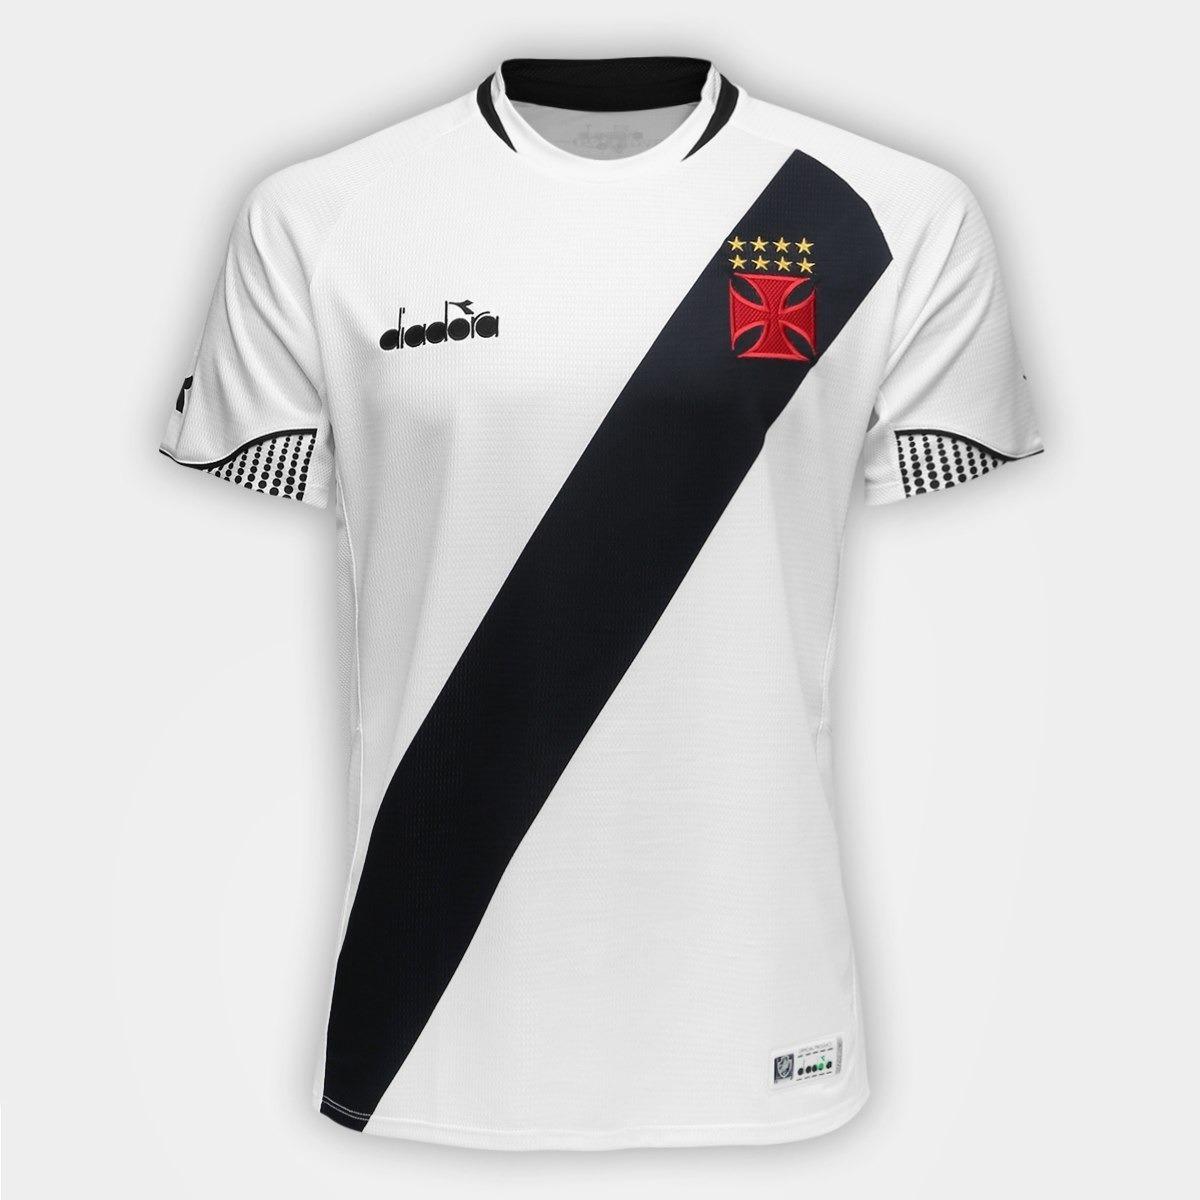 camisa vasco 2018 2019 home frete grátis. Carregando zoom. a45dca6ce4ebe